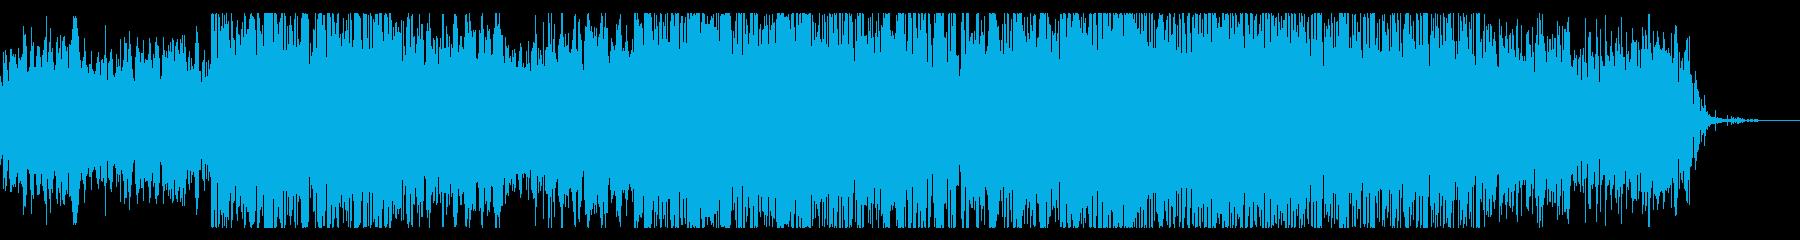 ダークで幻想的なシネマアンビエントの再生済みの波形